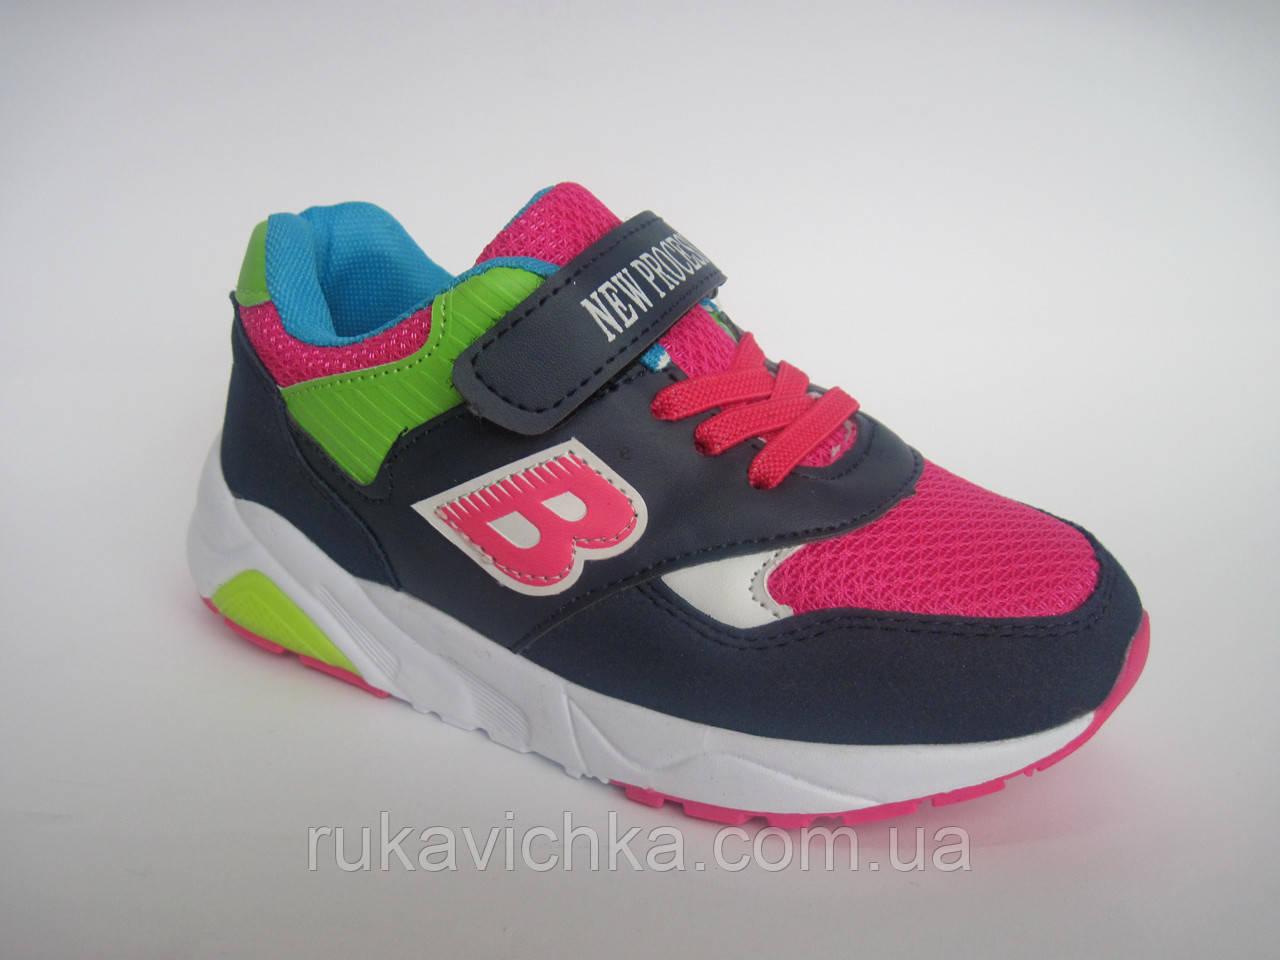 202518ca Стильные детские кроссовки для девочки, р. 31 - 18,5 см, цена 180 ...